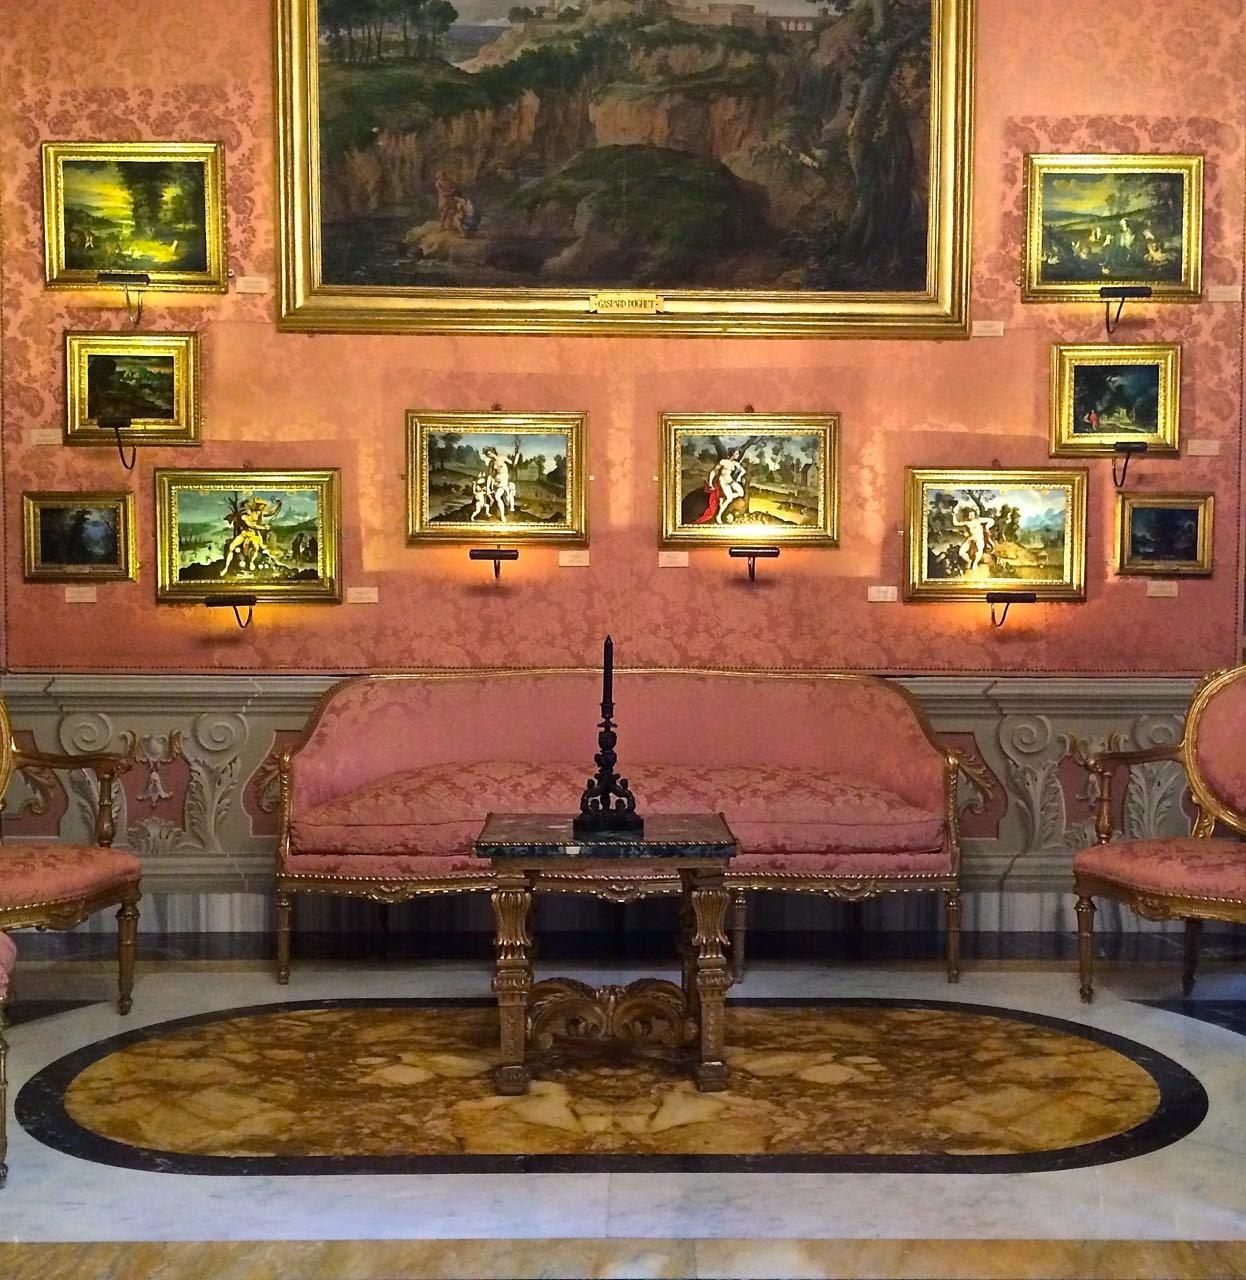 Palazzos in Rome // Palazzo Colonna